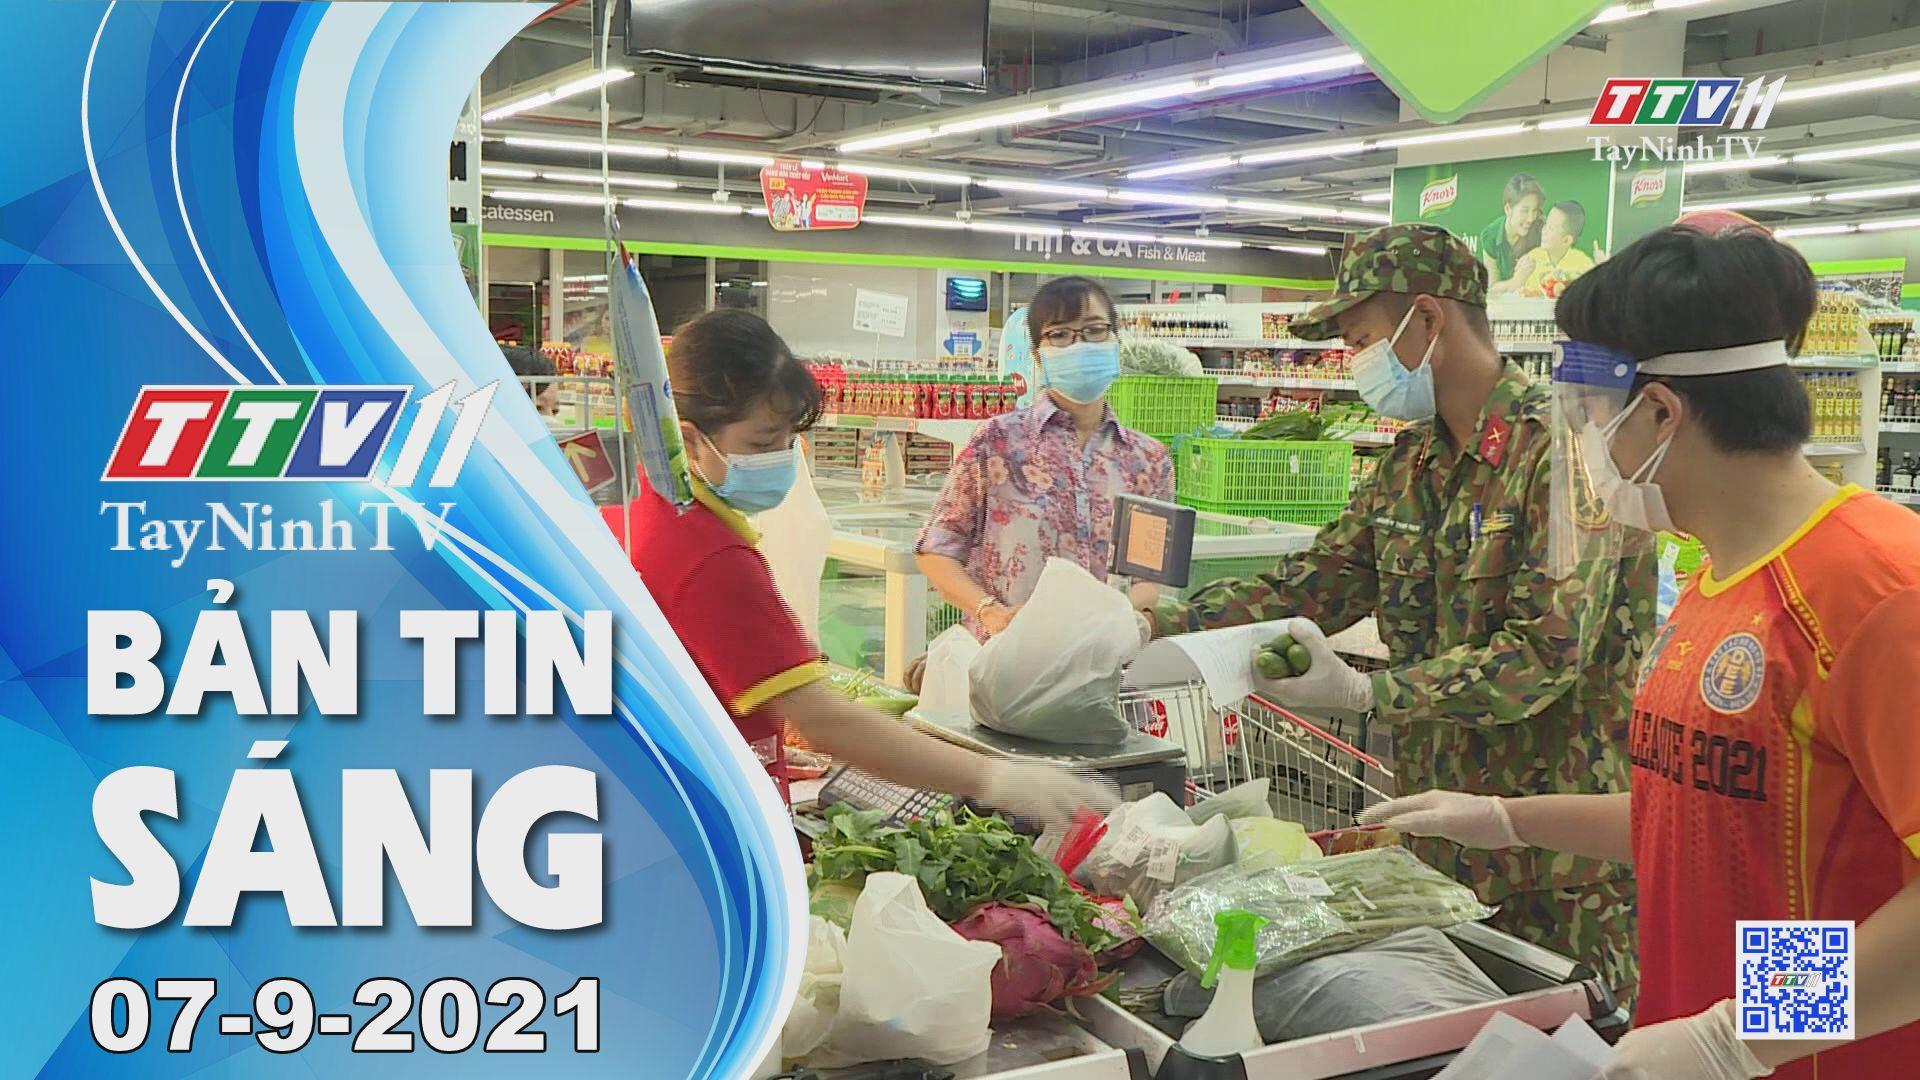 Bản tin sáng 07-9-2021 | Tin tức hôm nay | TayNinhTV